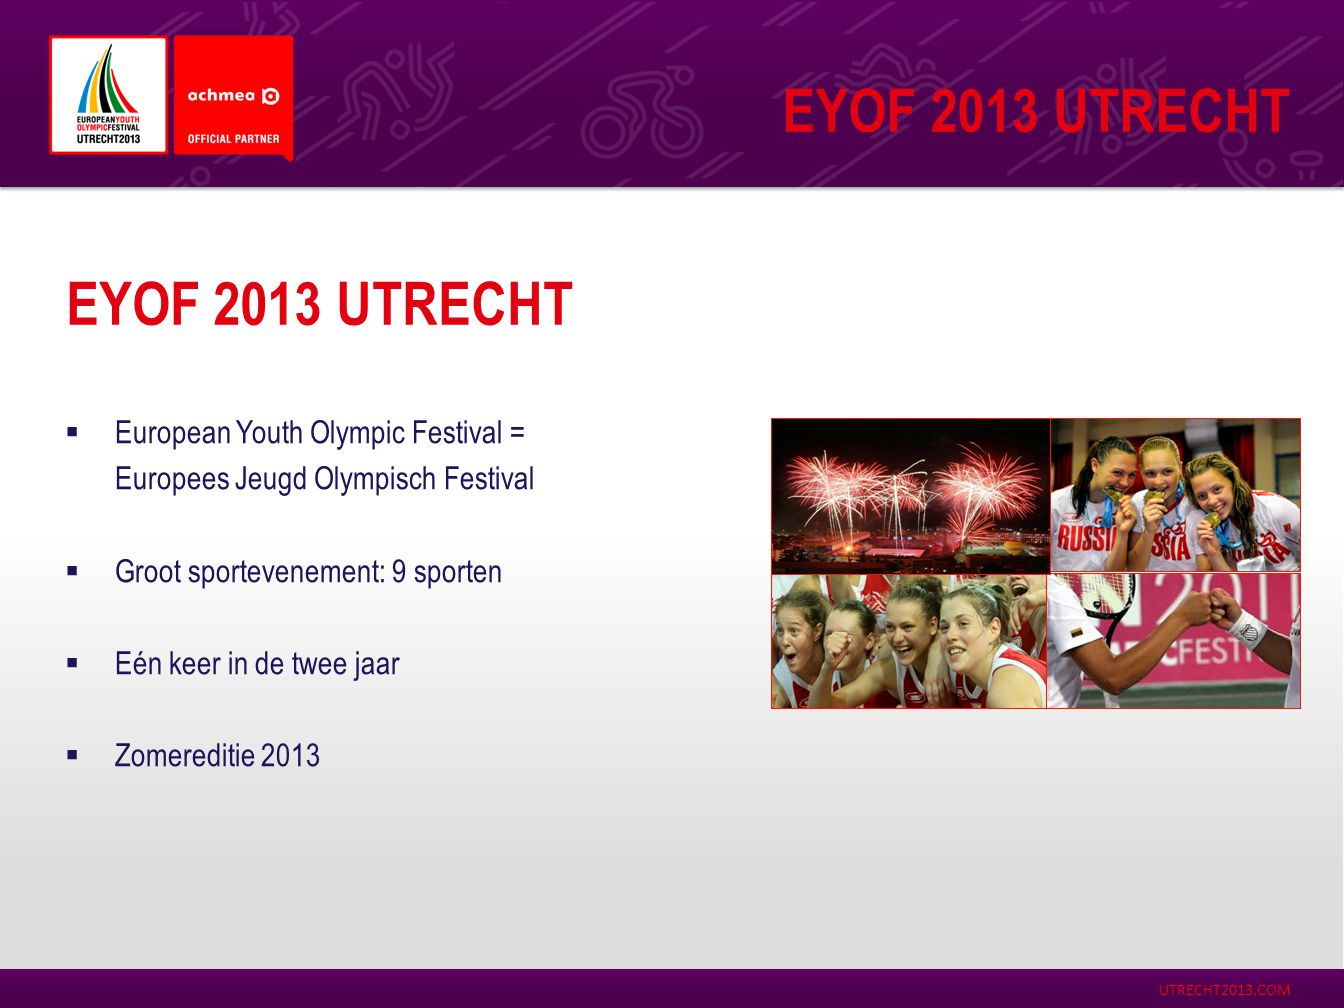 UTRECHT2013.COM SPORTLOCATIES